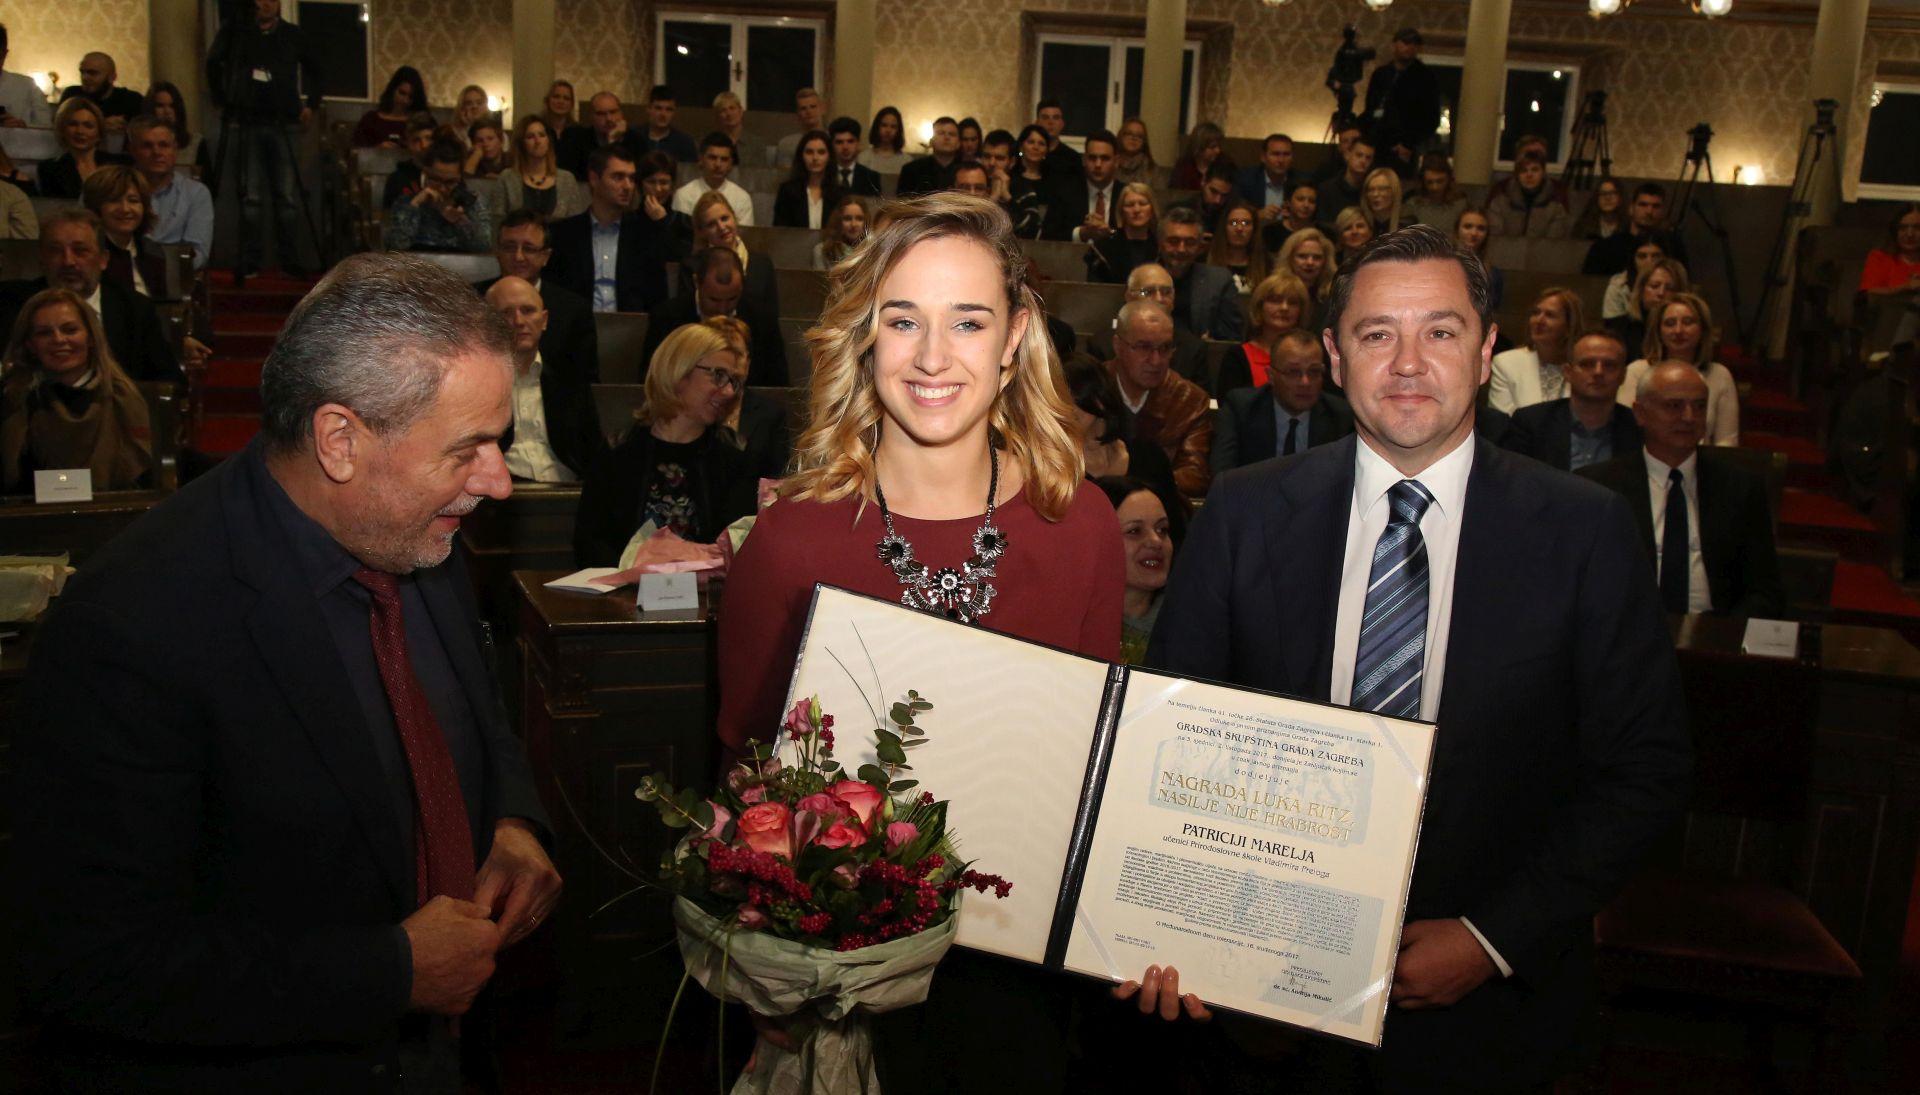 NASILJE NIJE HRABROST Nagrada Luka Ritz dodijeljena Patriciji Marelja i Luki Gnjidiću